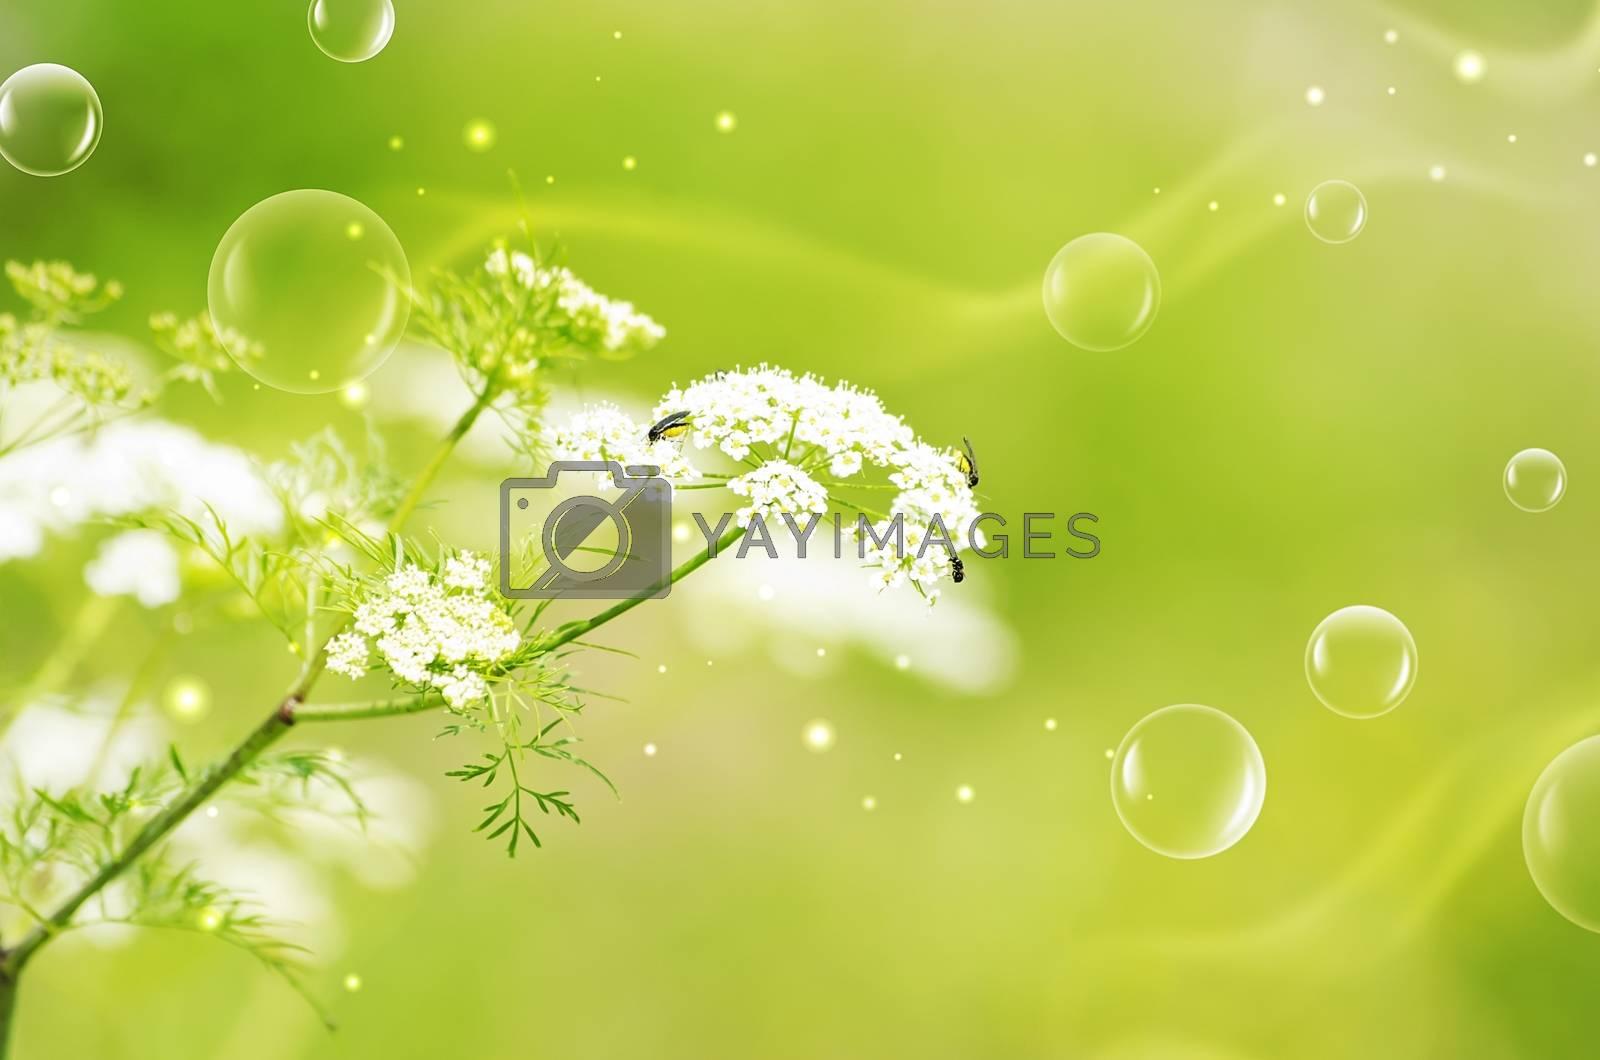 Royalty free image of Green Natural Mood by razvodovska